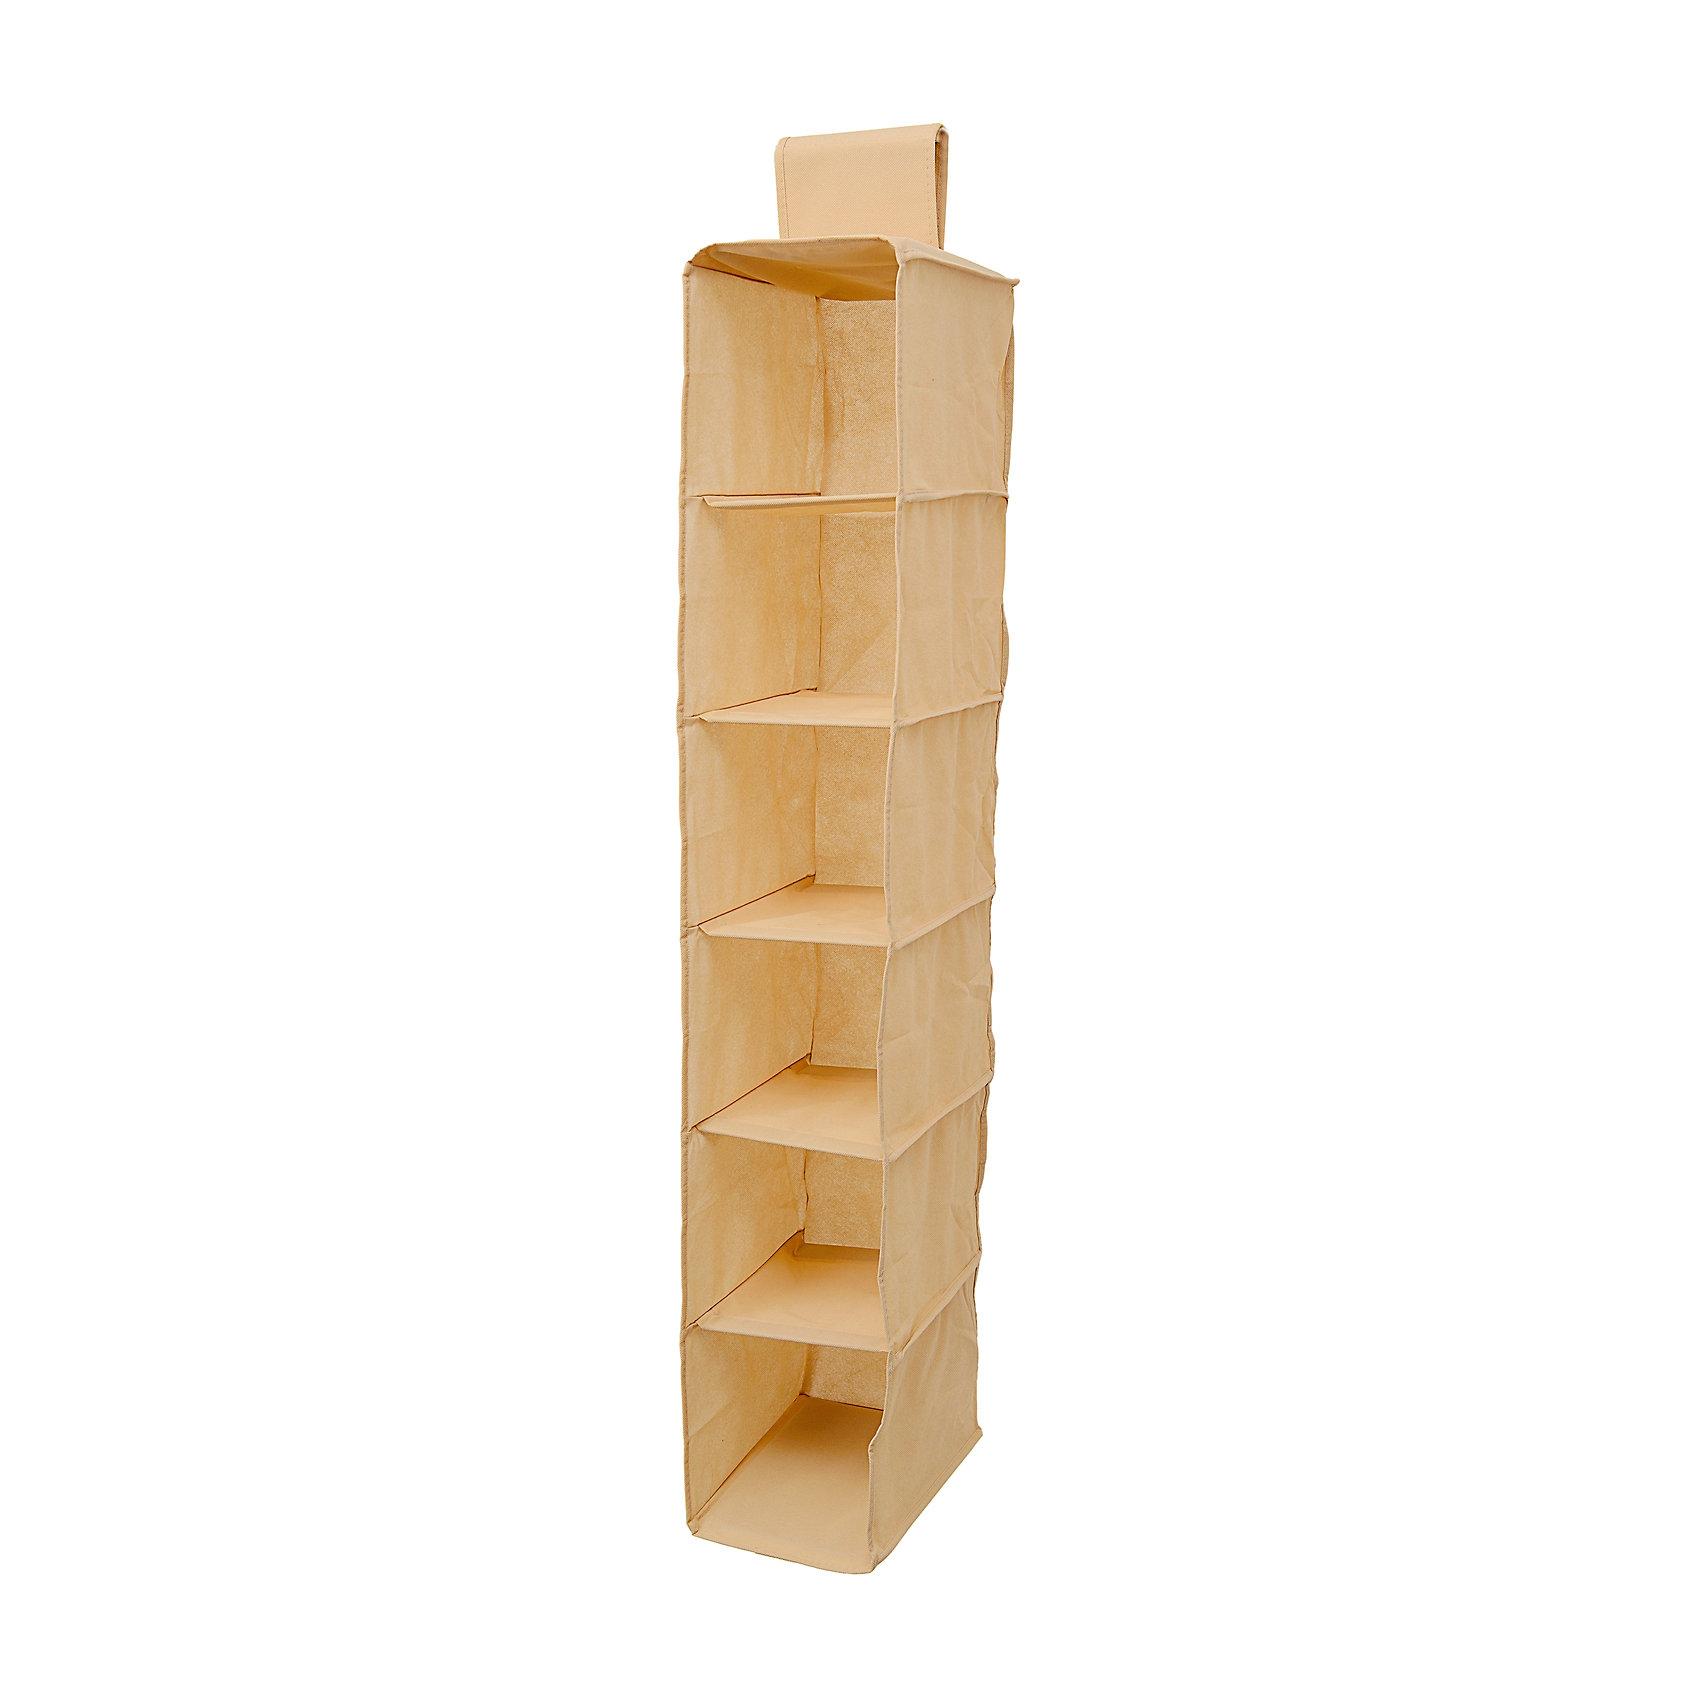 Органайзер подвесной в шкаф Bora-Bora, HomsuПорядок в детской<br>Подвесной органайзер имеет 6 раздельных ячеек размером 30Х20см, очень удобен для хранения вещей в вашем шкафу. Идеально для колготок, шапок, шарфов, мелочей и других вещей ежедневного пользования.<br><br>Ширина мм: 300<br>Глубина мм: 250<br>Высота мм: 20<br>Вес г: 500<br>Возраст от месяцев: 216<br>Возраст до месяцев: 1188<br>Пол: Унисекс<br>Возраст: Детский<br>SKU: 5620205